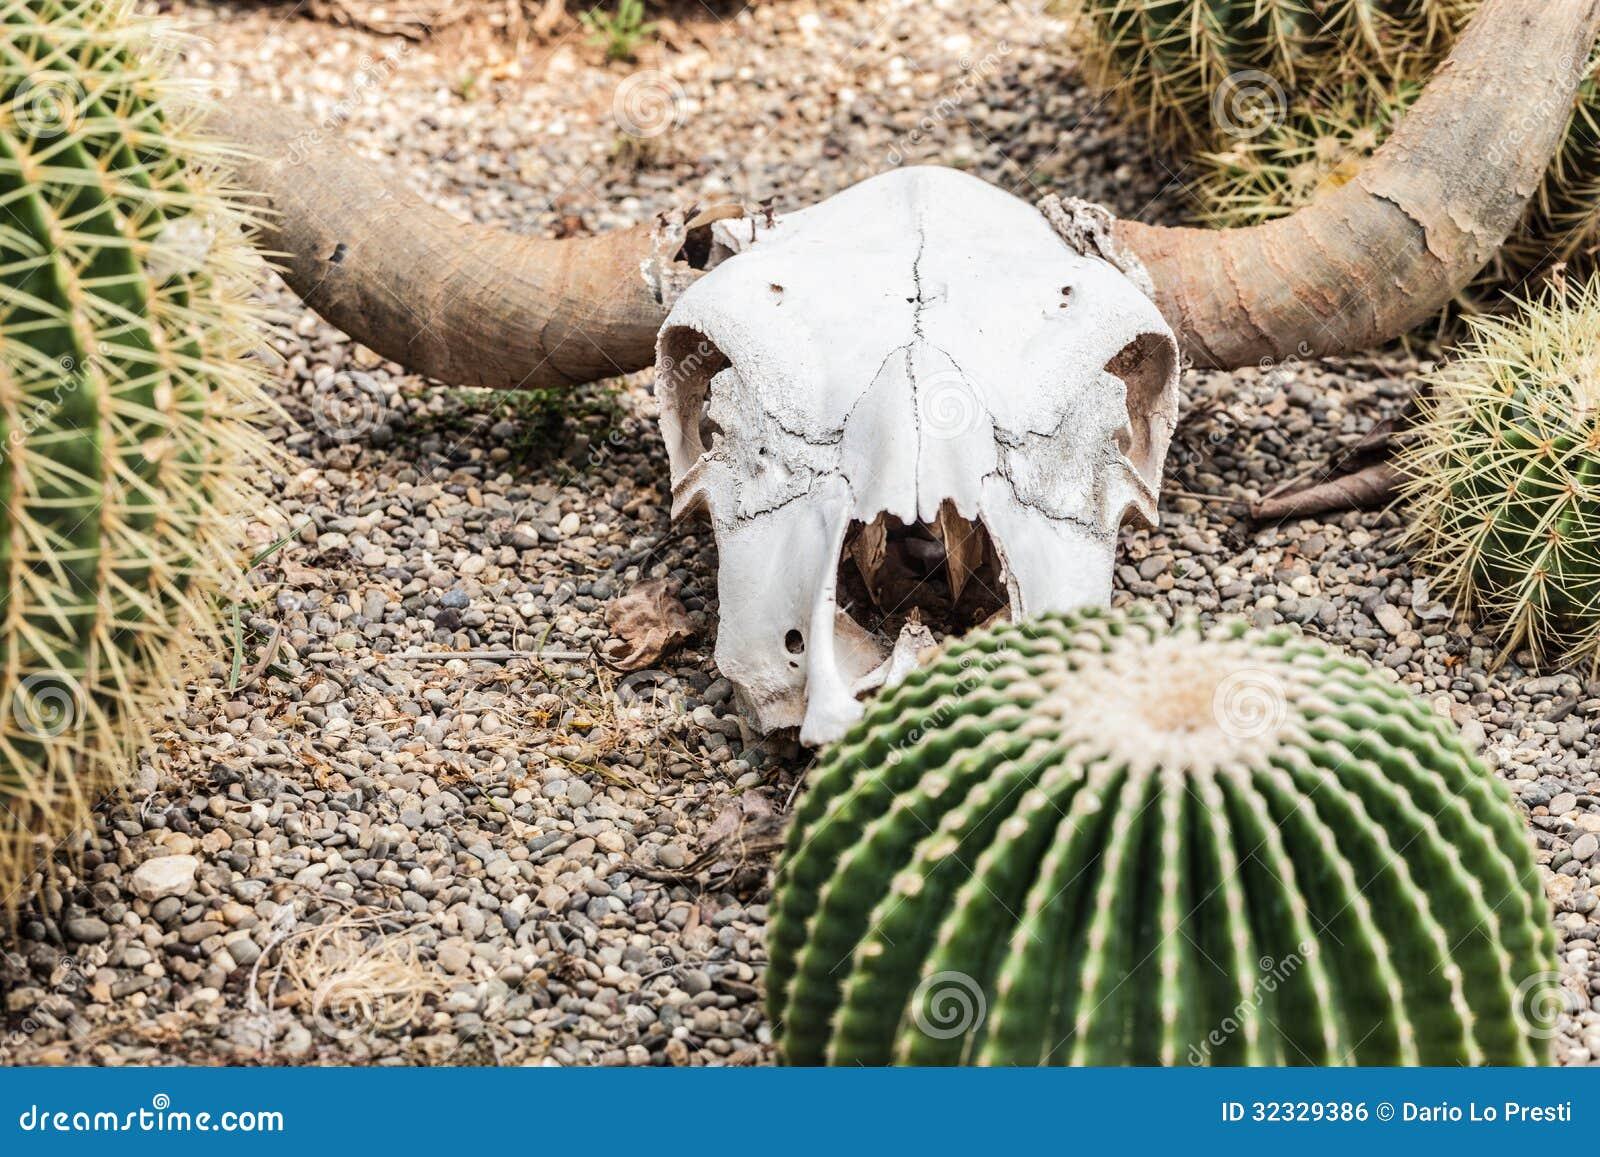 cow skull and desert - photo #34